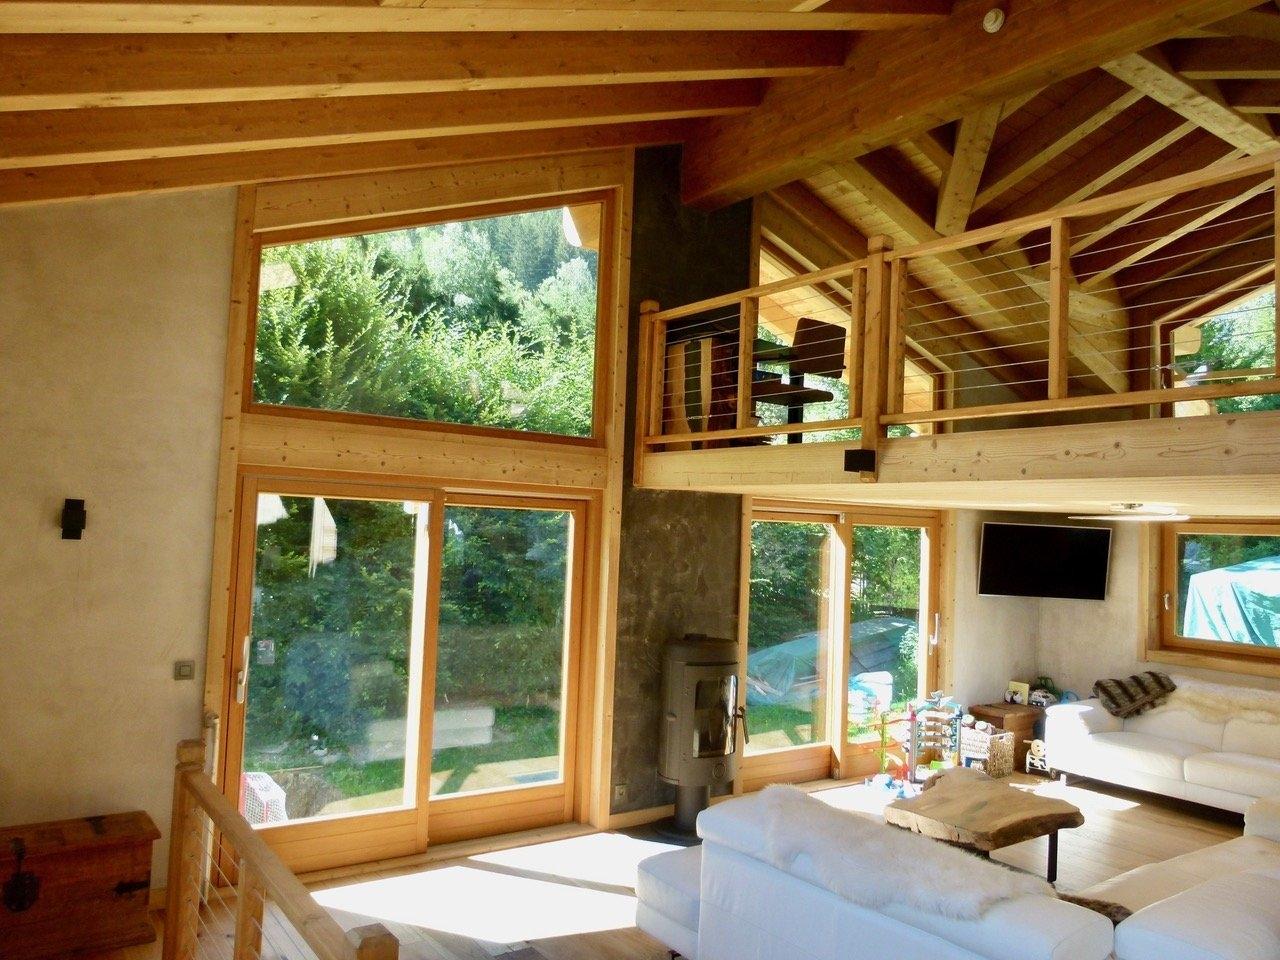 Chamonix-Mont-Blanc, Chalet, 1 359 000 Euros Sur Immobilier.lefigaro.fr à Vente Chalet Chamonix